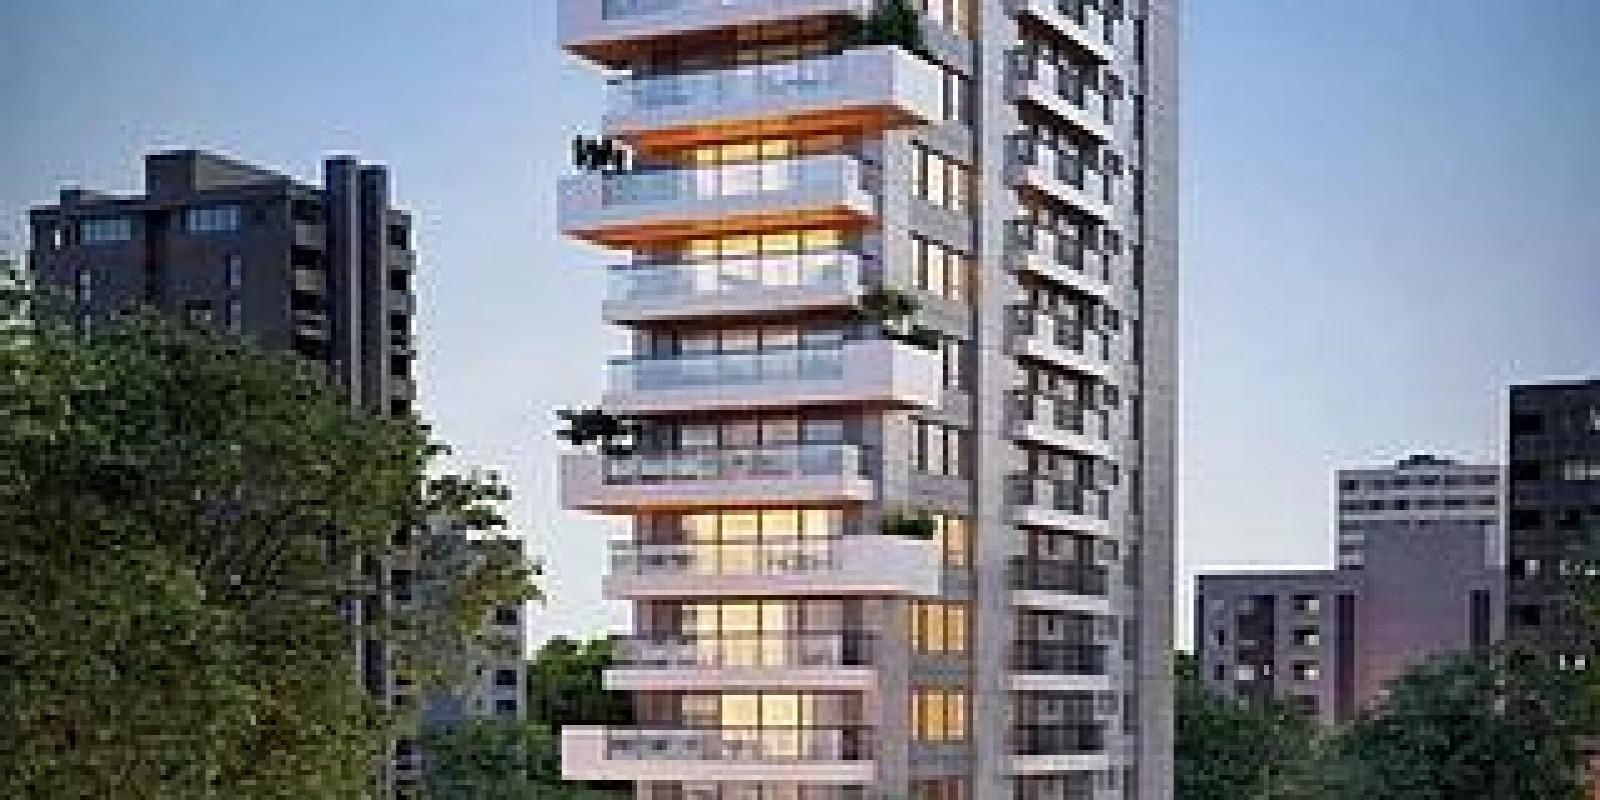 TPS Imóveis - Veja Foto 2 de 19 do 1 Apartamento por Andar em Frente ao Parcão